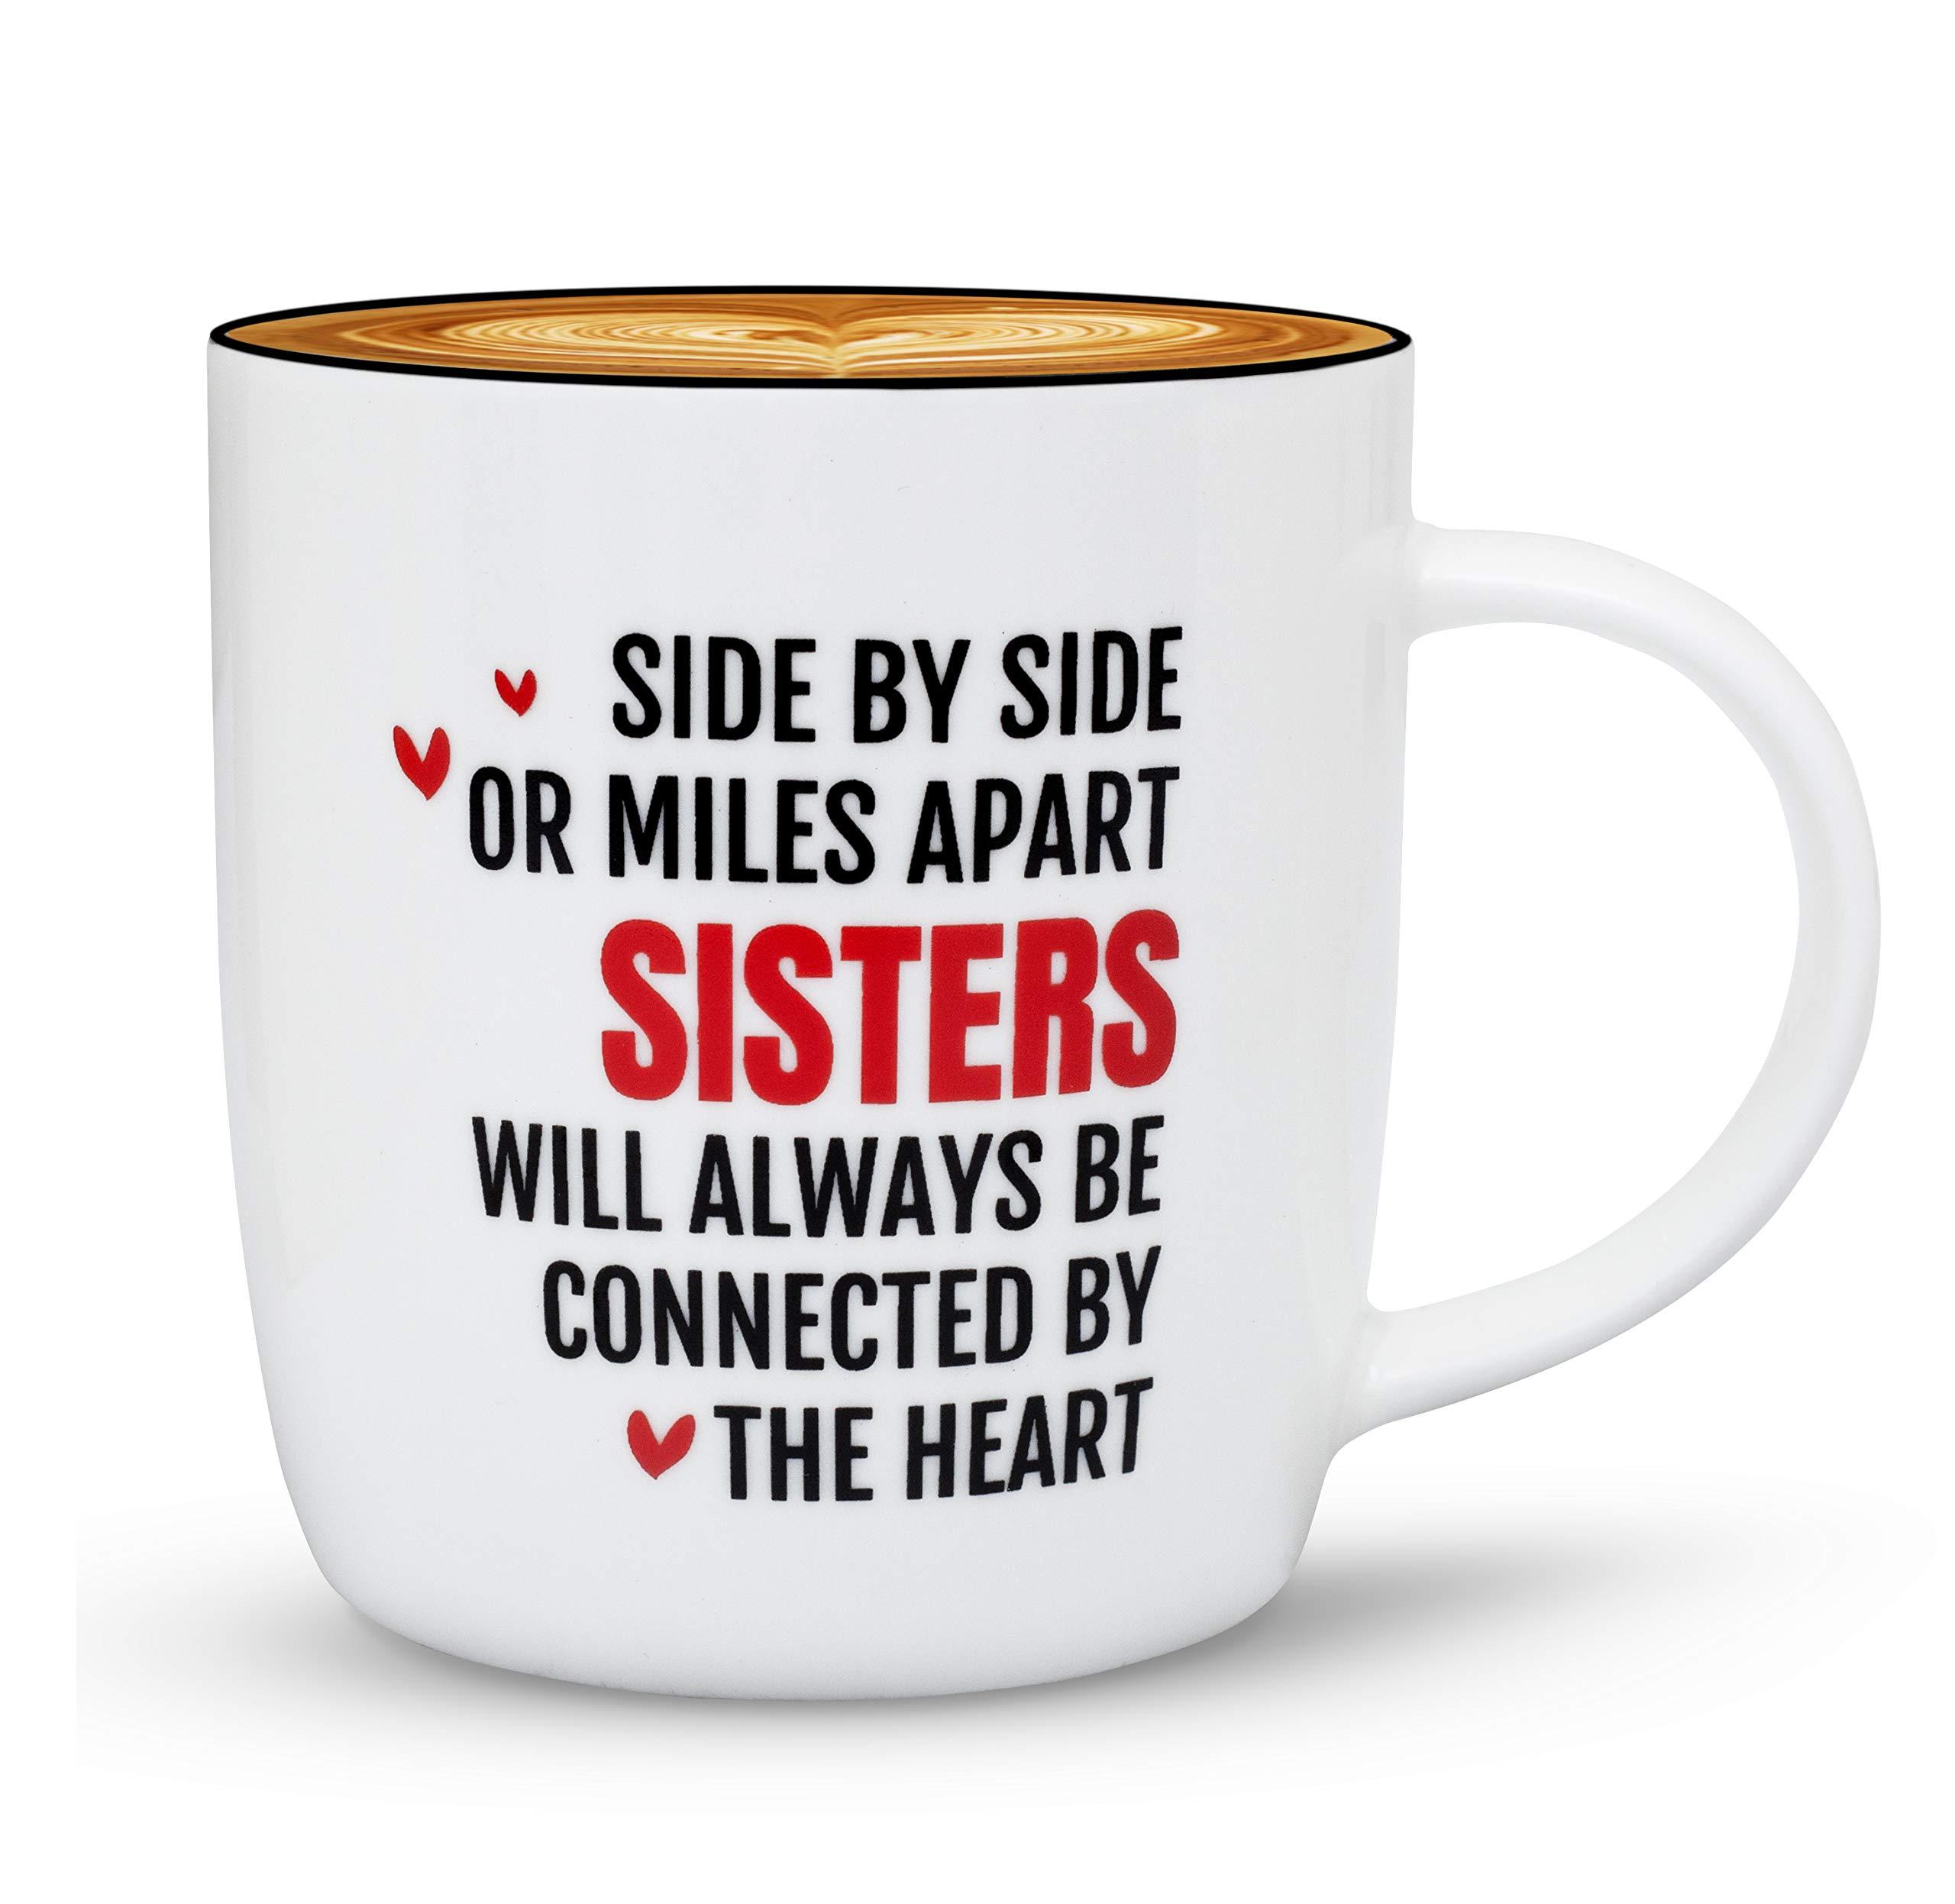 Gifffted Tasse Beste Schwester, Geschenkideen Für Sie, Lustige Geschenkideen Für Schwester Für Geburtstag Geschenk, Teetasse, Becher Mit Spruch, Kaffeetasse 380 Ml, Side By Side Sisters